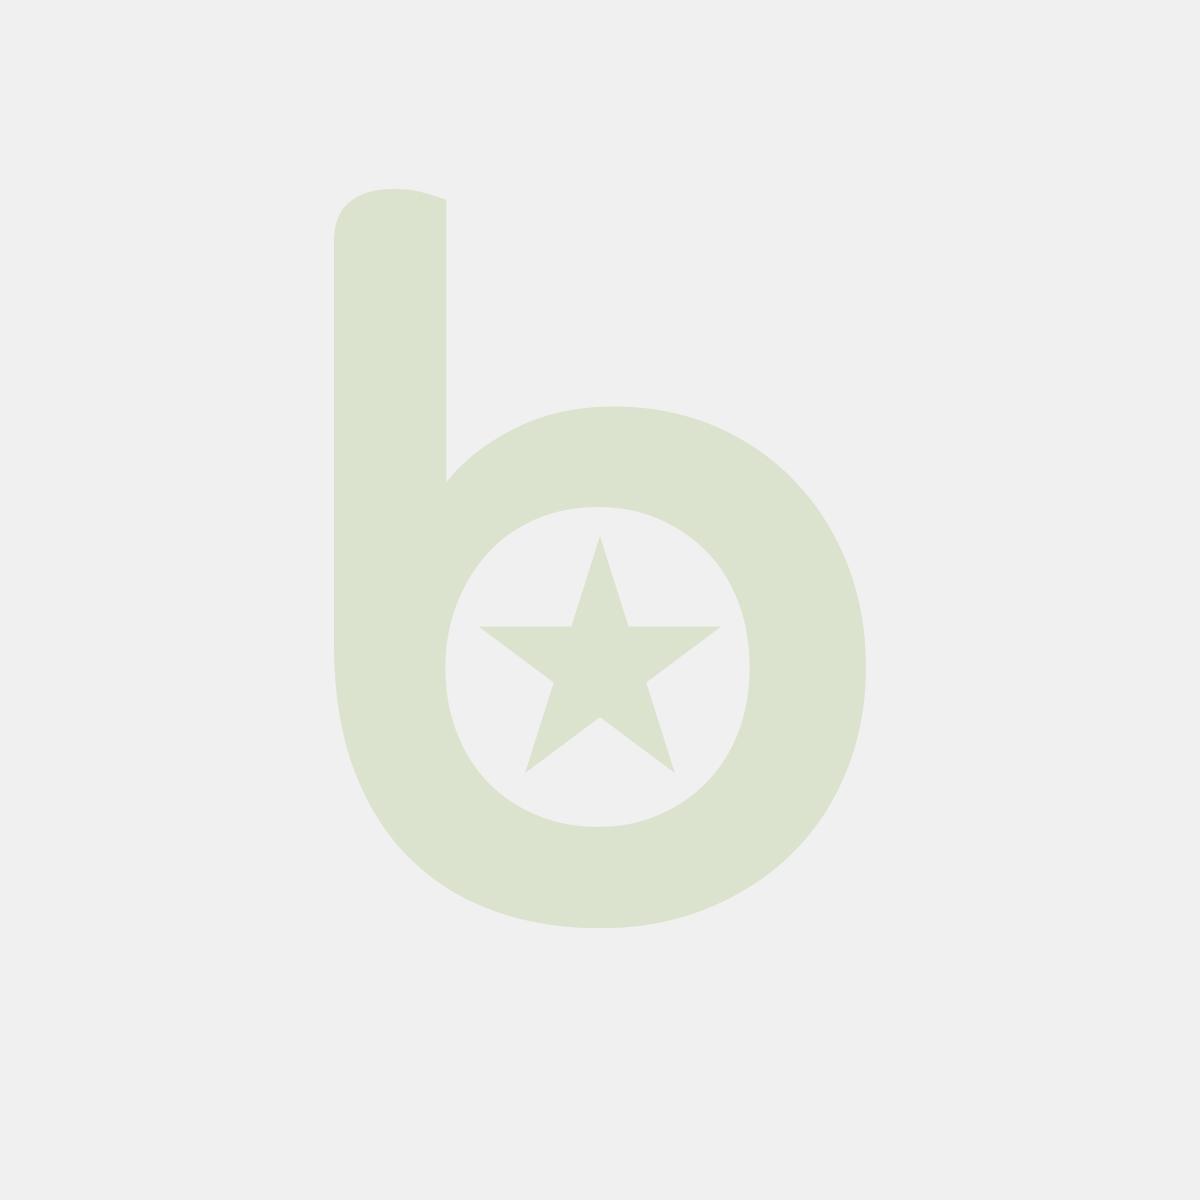 Rożek PIZZA brązowy 18x17x2,5cm PURE biodegradowalny op. 80 sztuk